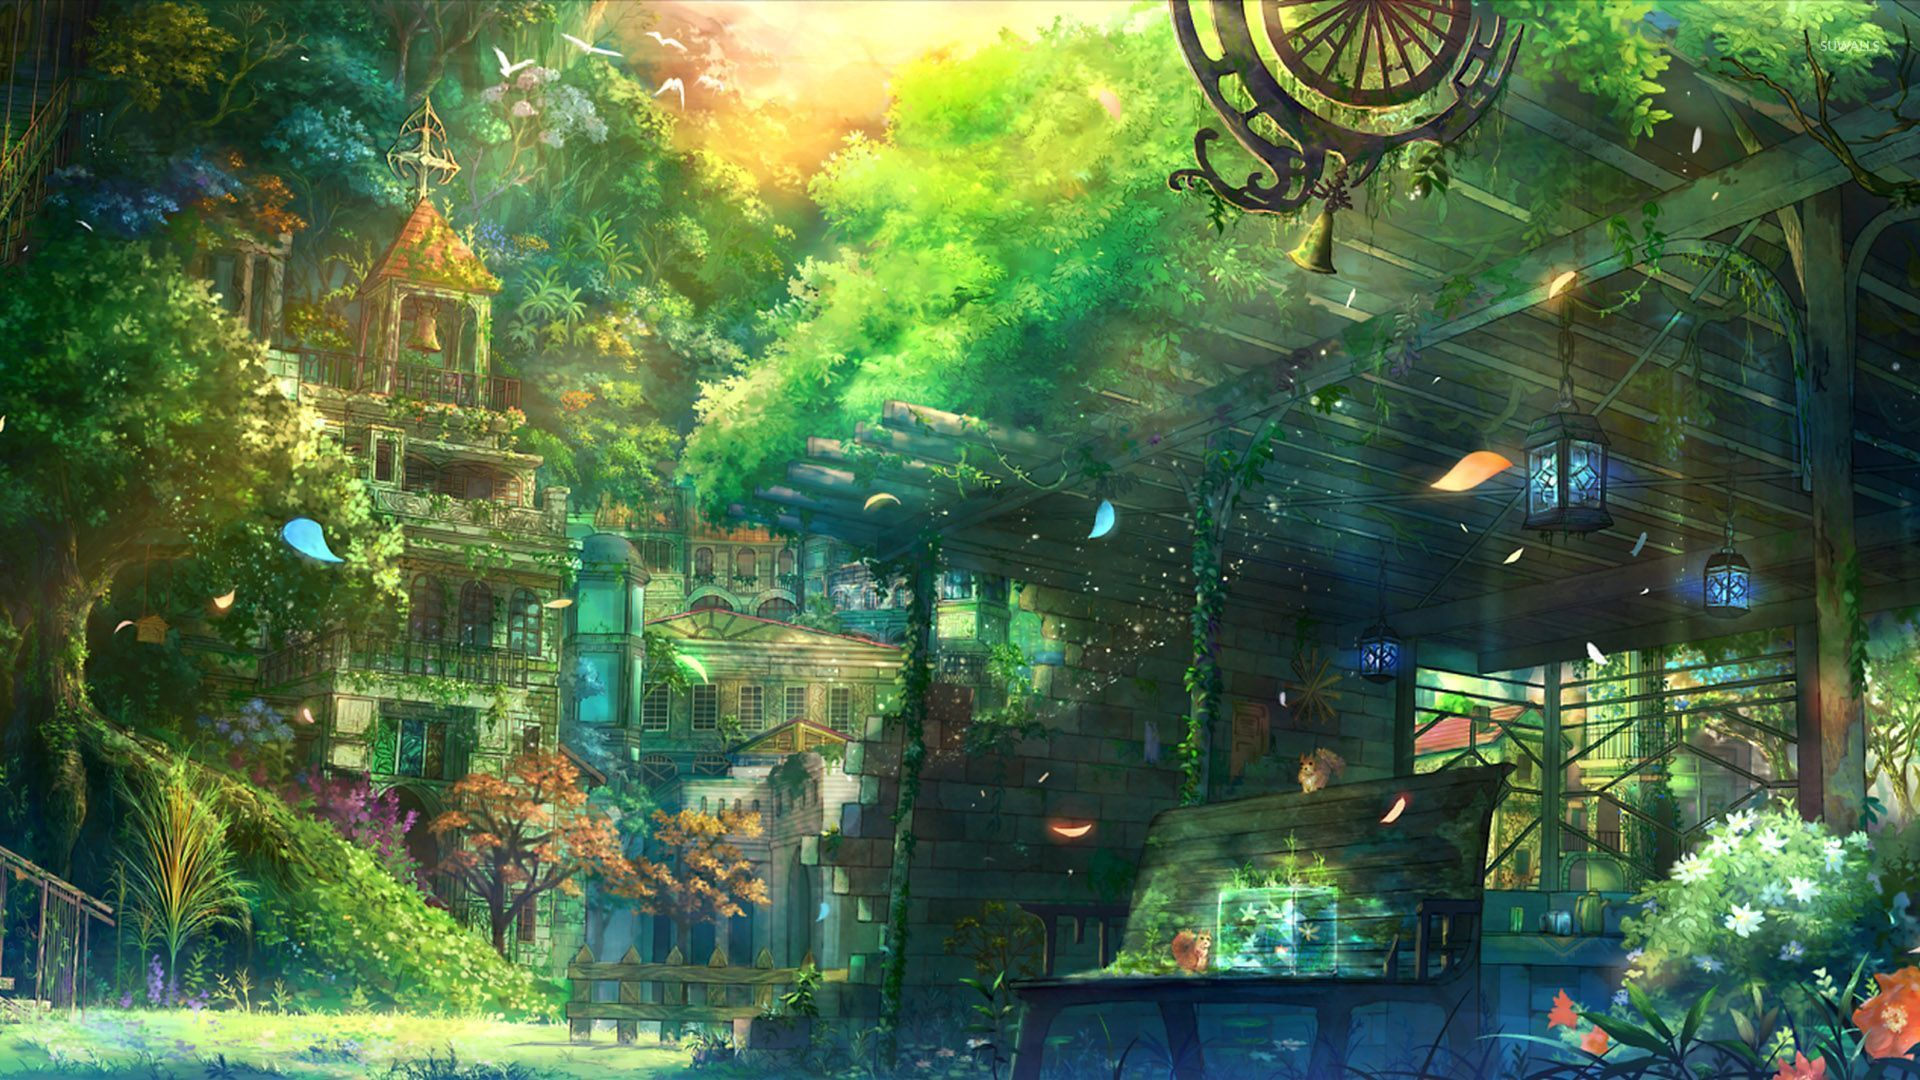 Church garden in spring wallpaper Anime scenery, Scenery